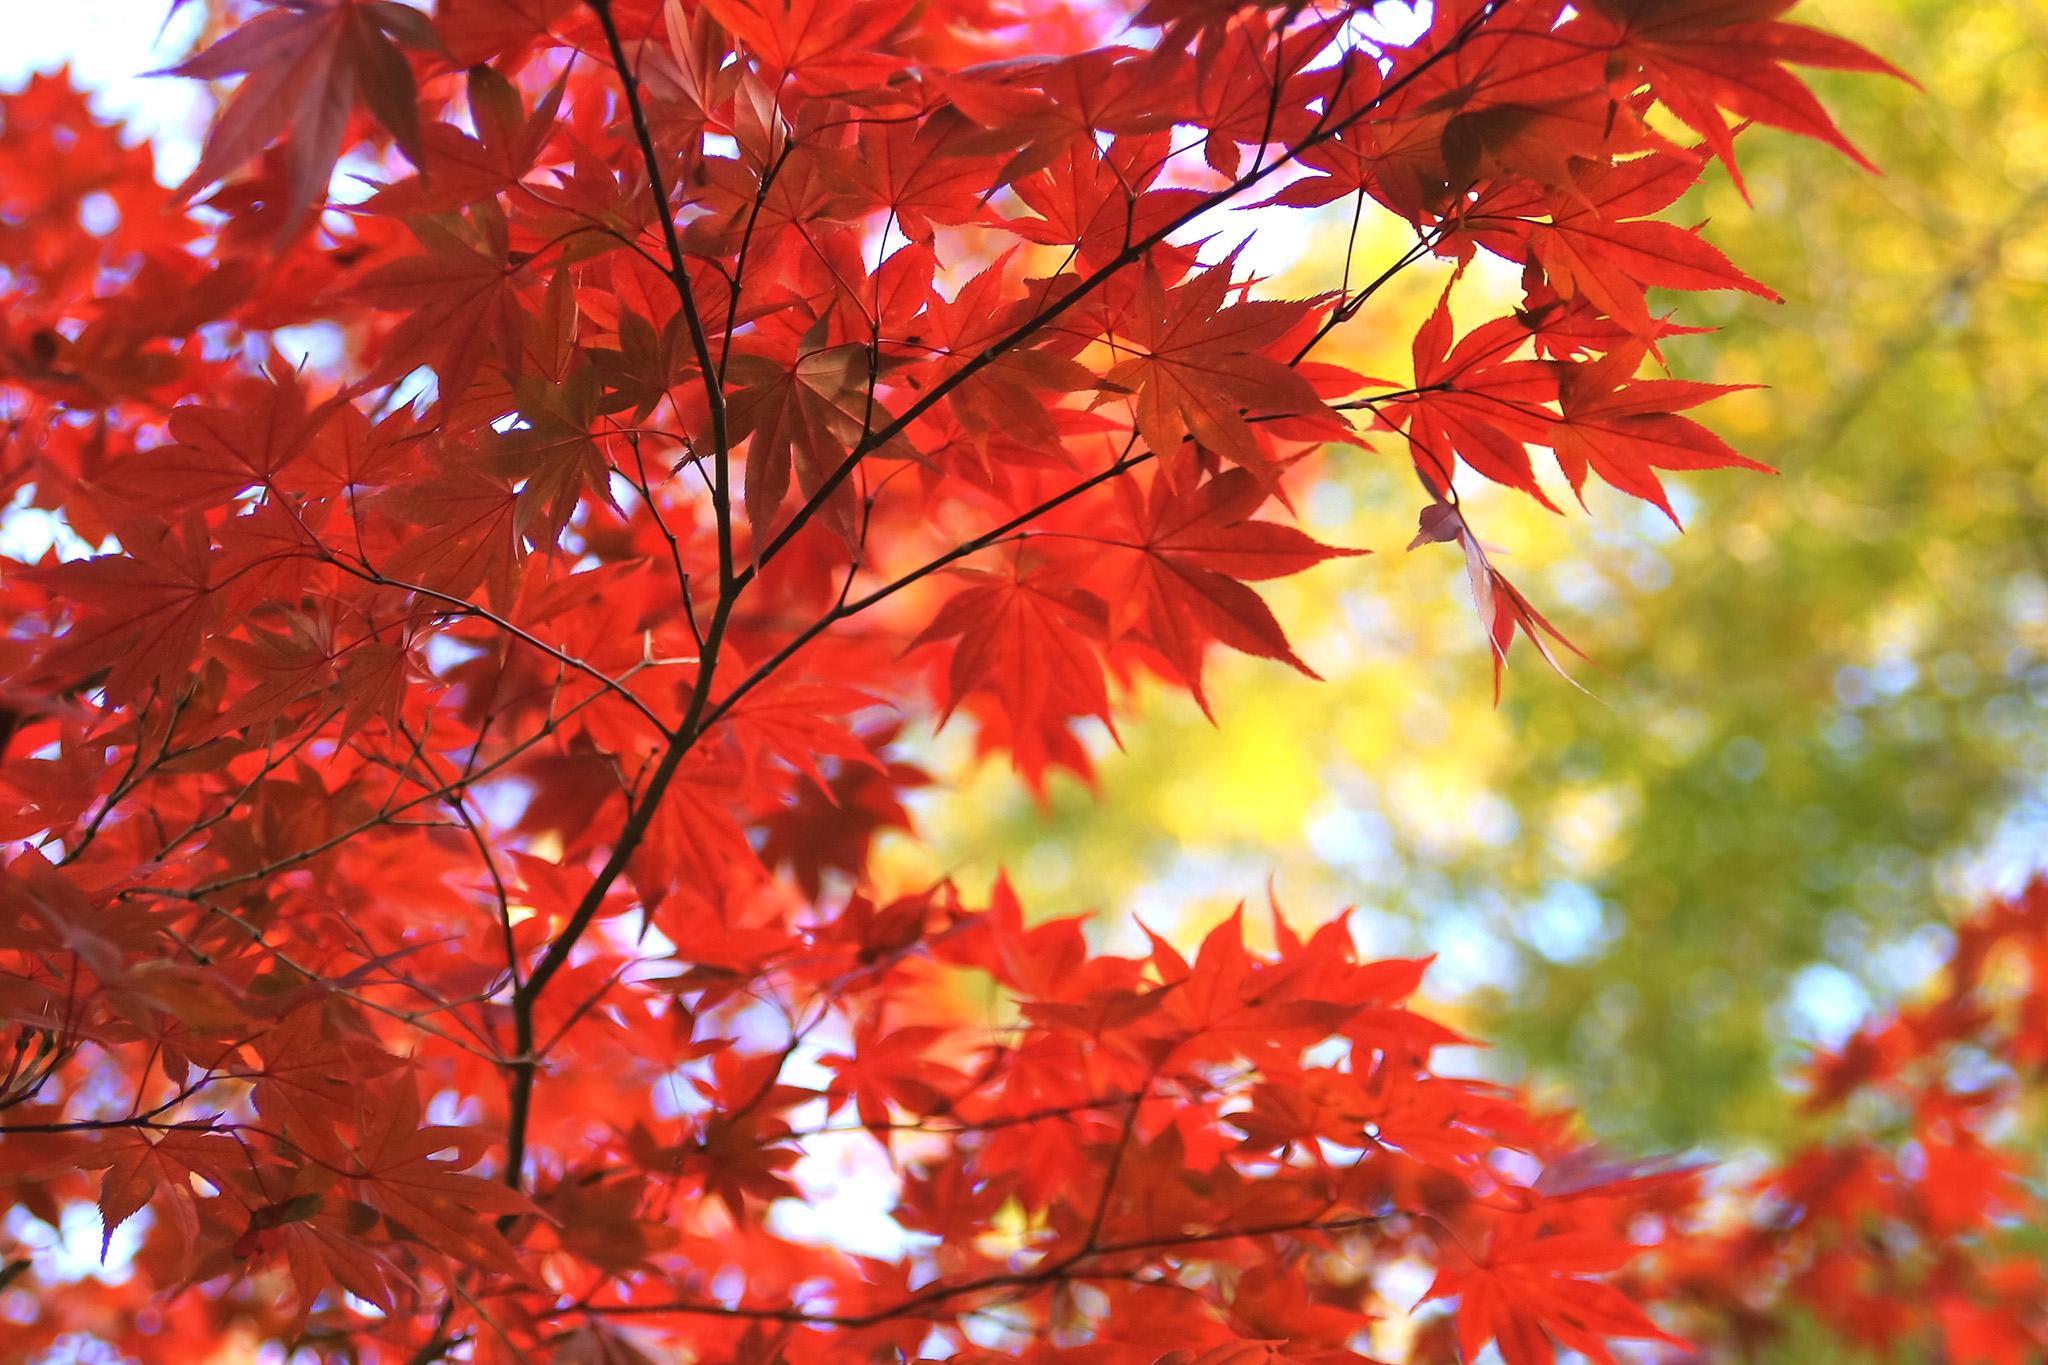 「真紅に染まったもみじの葉」